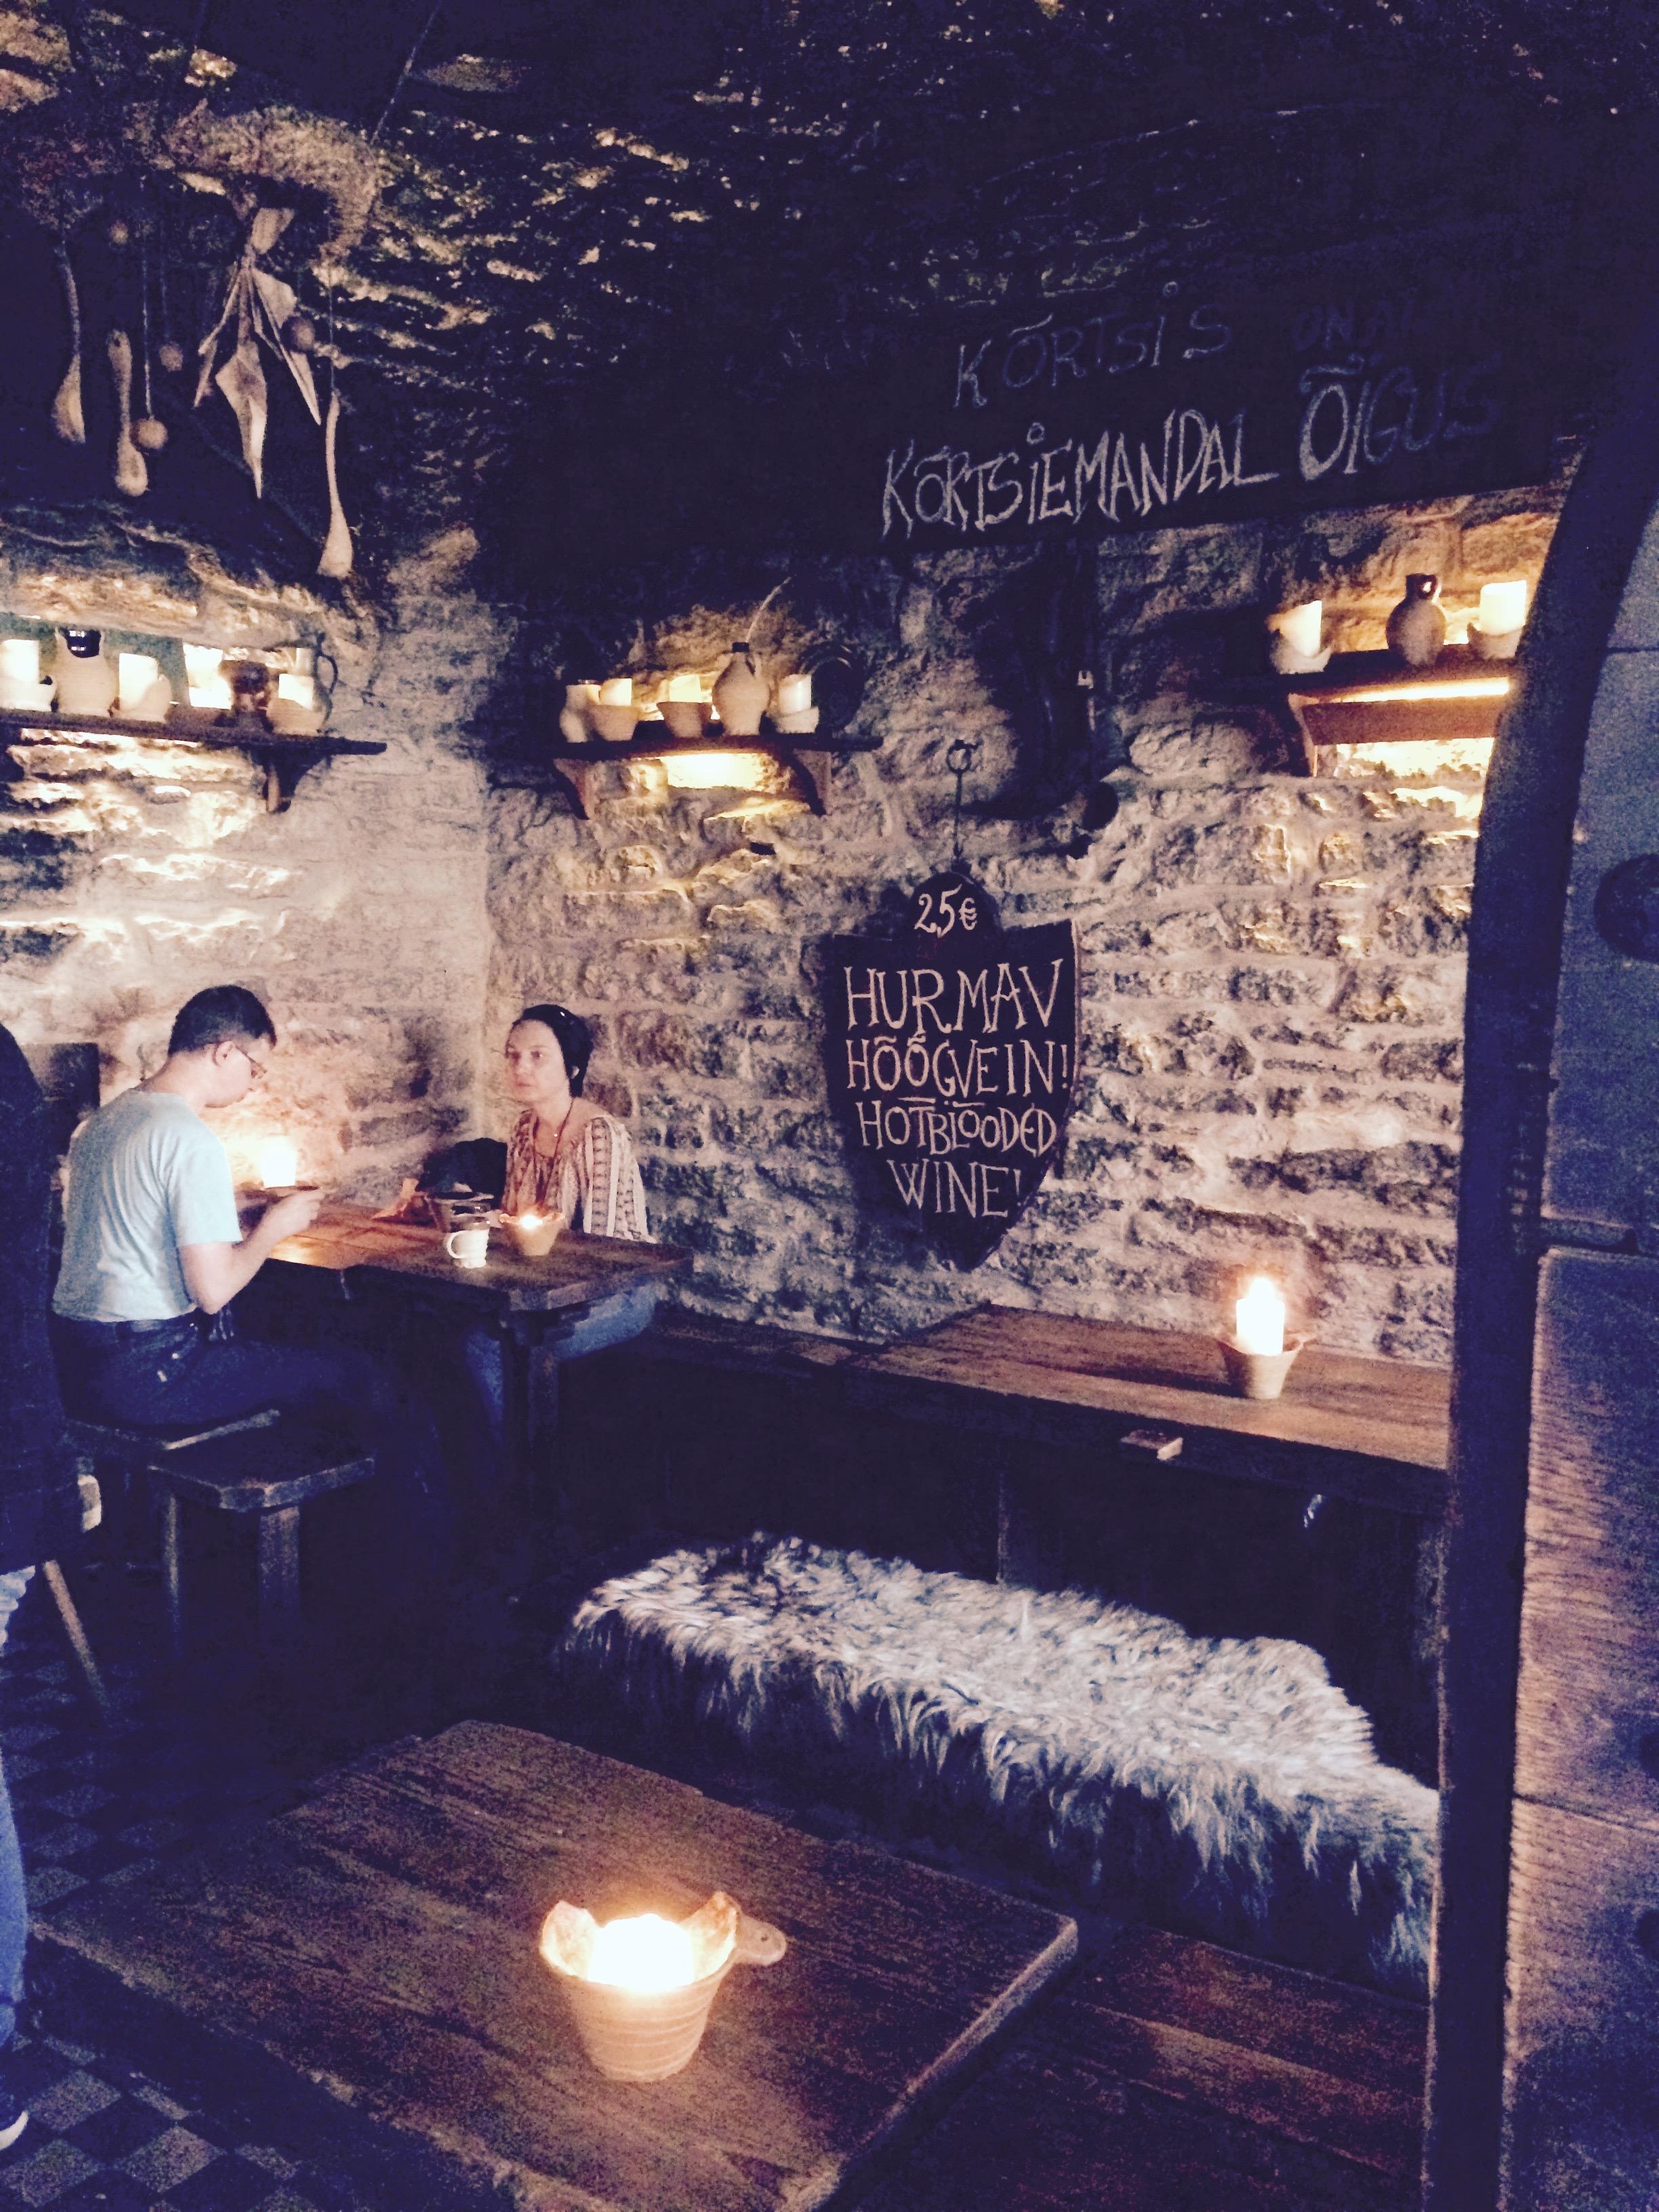 III Draakon - Medieval Pub in Tallinn, Estonia